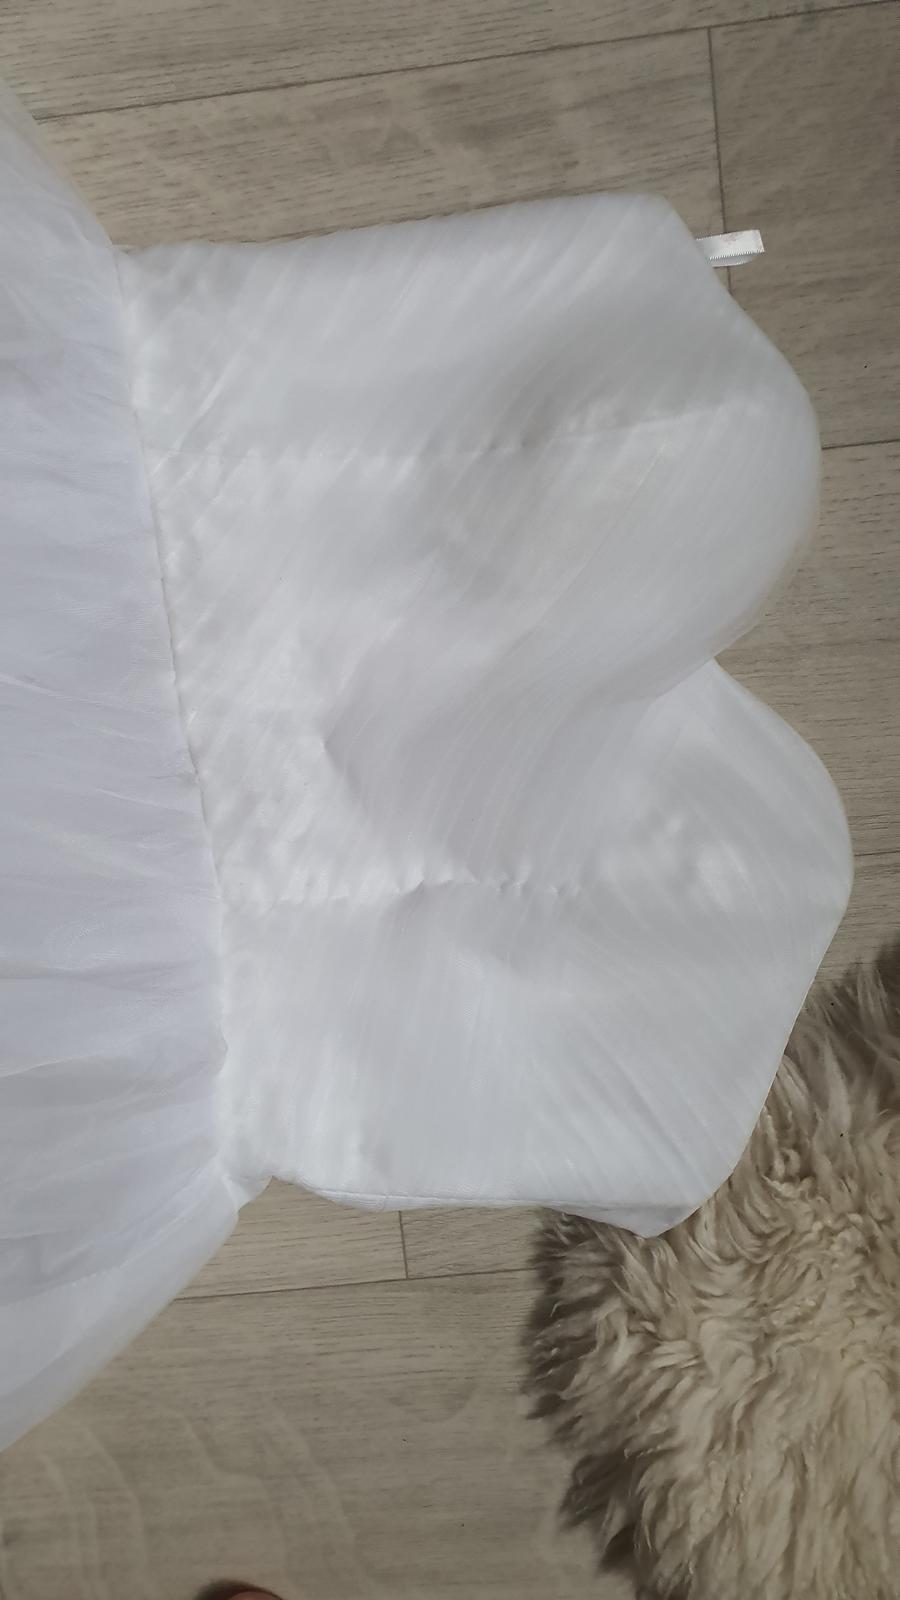 Tutu tylové svatební šaty korzezové dlouhé - Obrázek č. 3